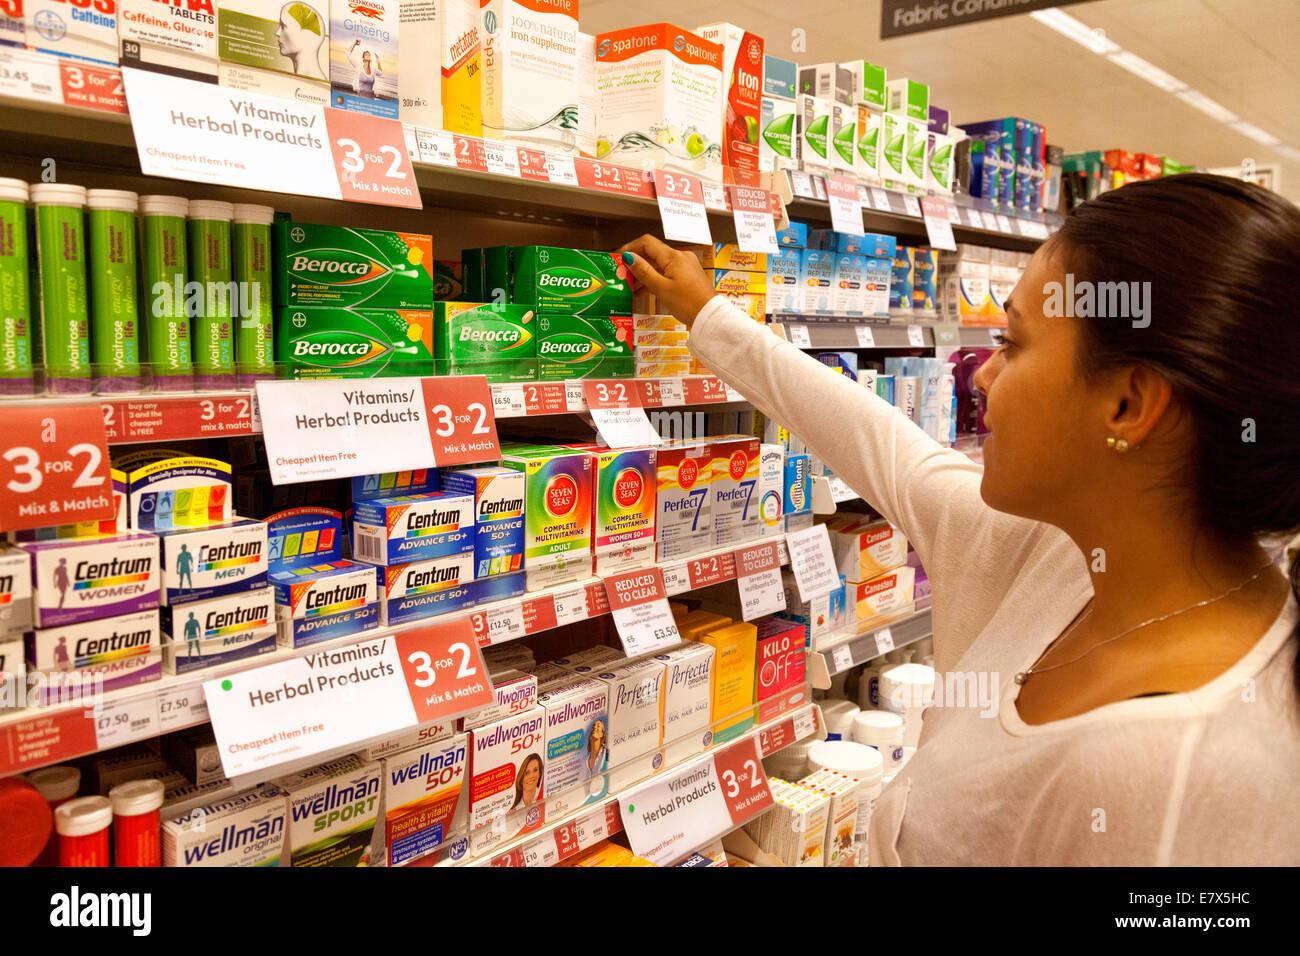 Junge Frau für shopping / Kauf von Vitaminen, Waitrose-Supermarkt, Newmarket Suffolk UK Stockbild